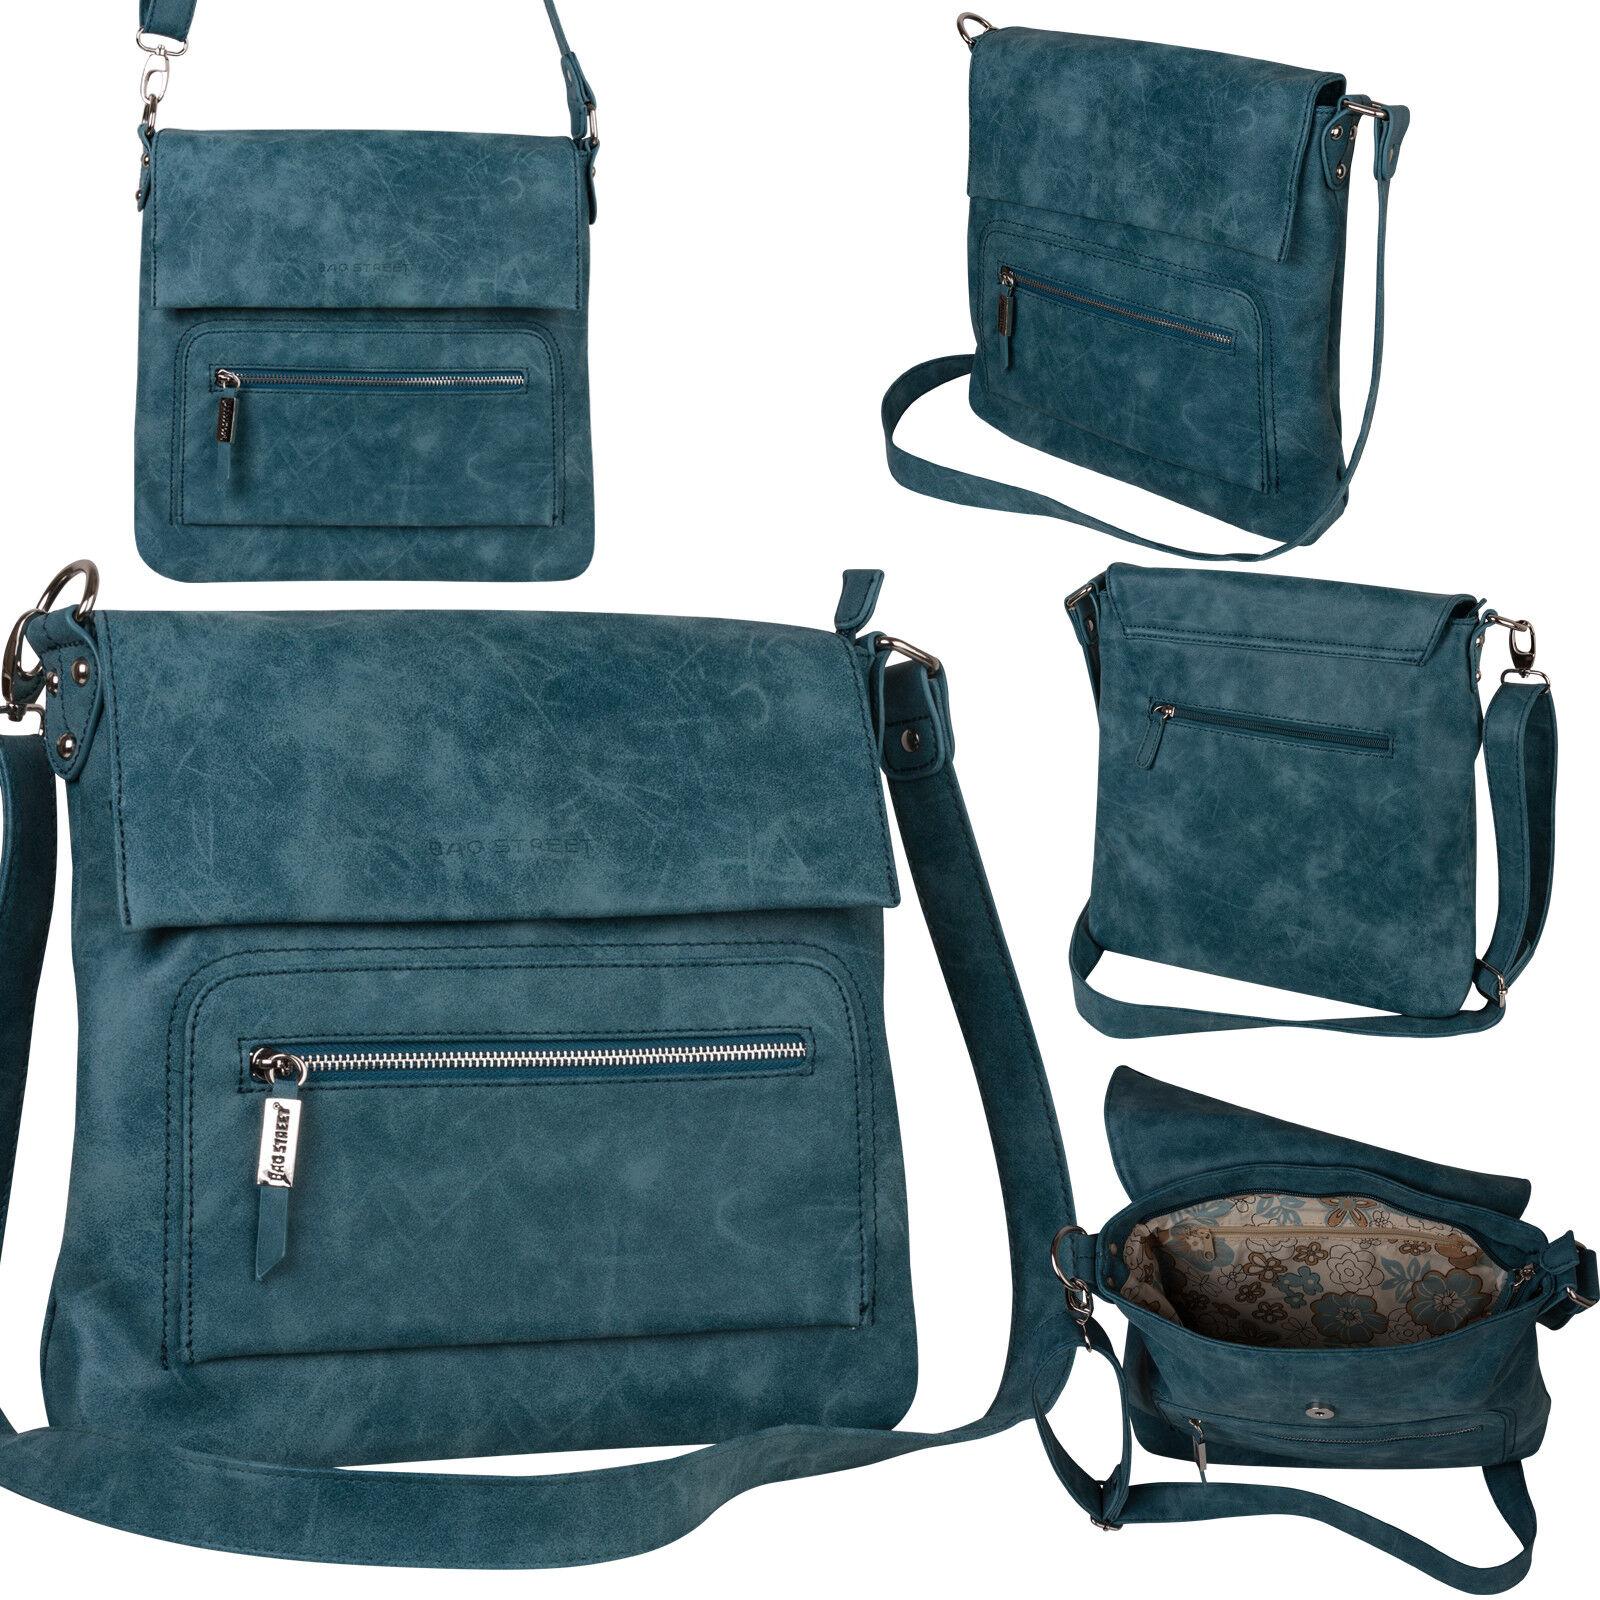 Bag Street Damentasche Umhängetasche Handtasche Schultertasche K2 T0103 Blau